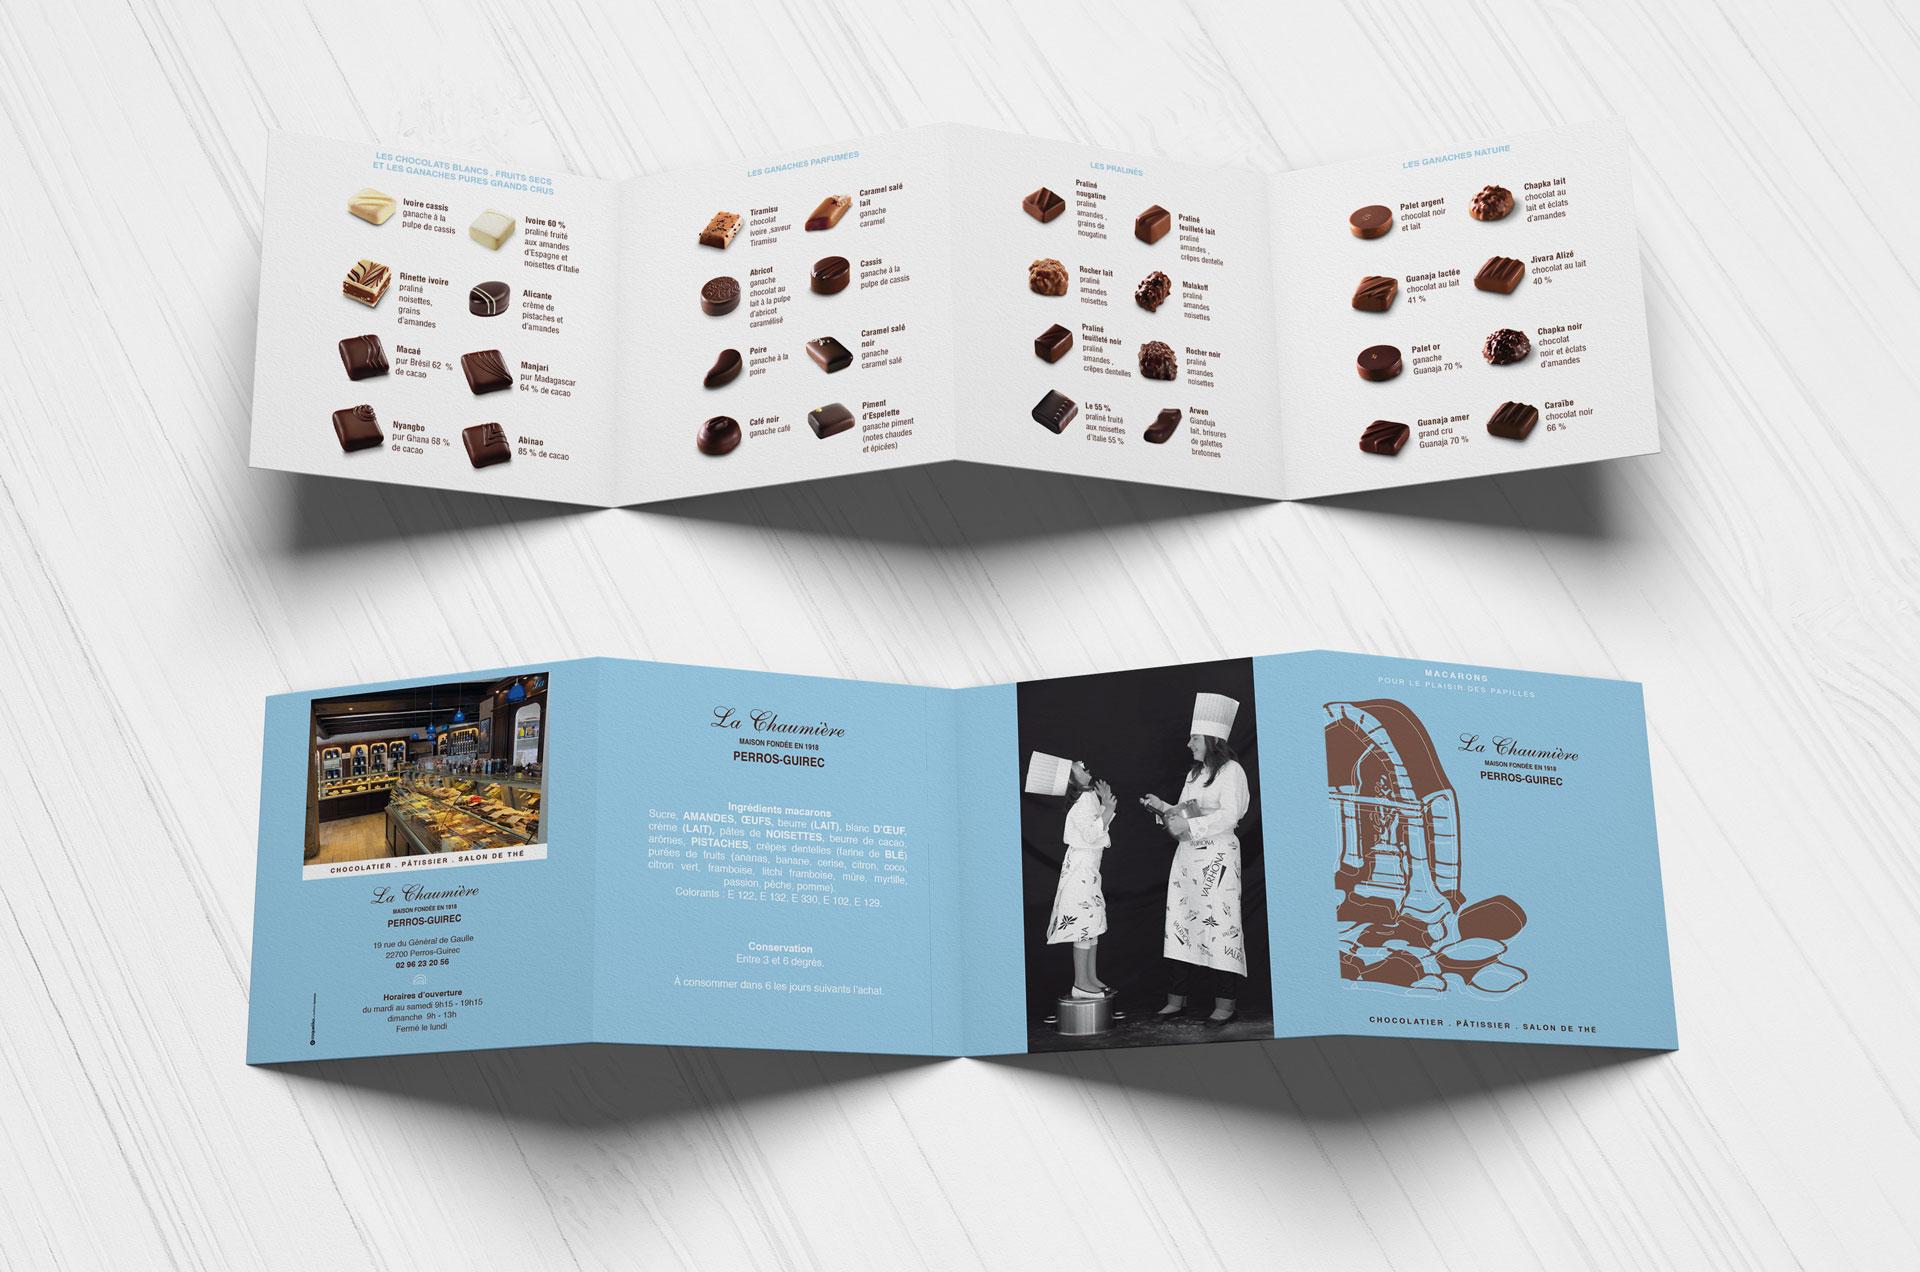 chocolats chaumière perros-guirec catalogue dépliant vente produits coqueliko Lannion roudenn